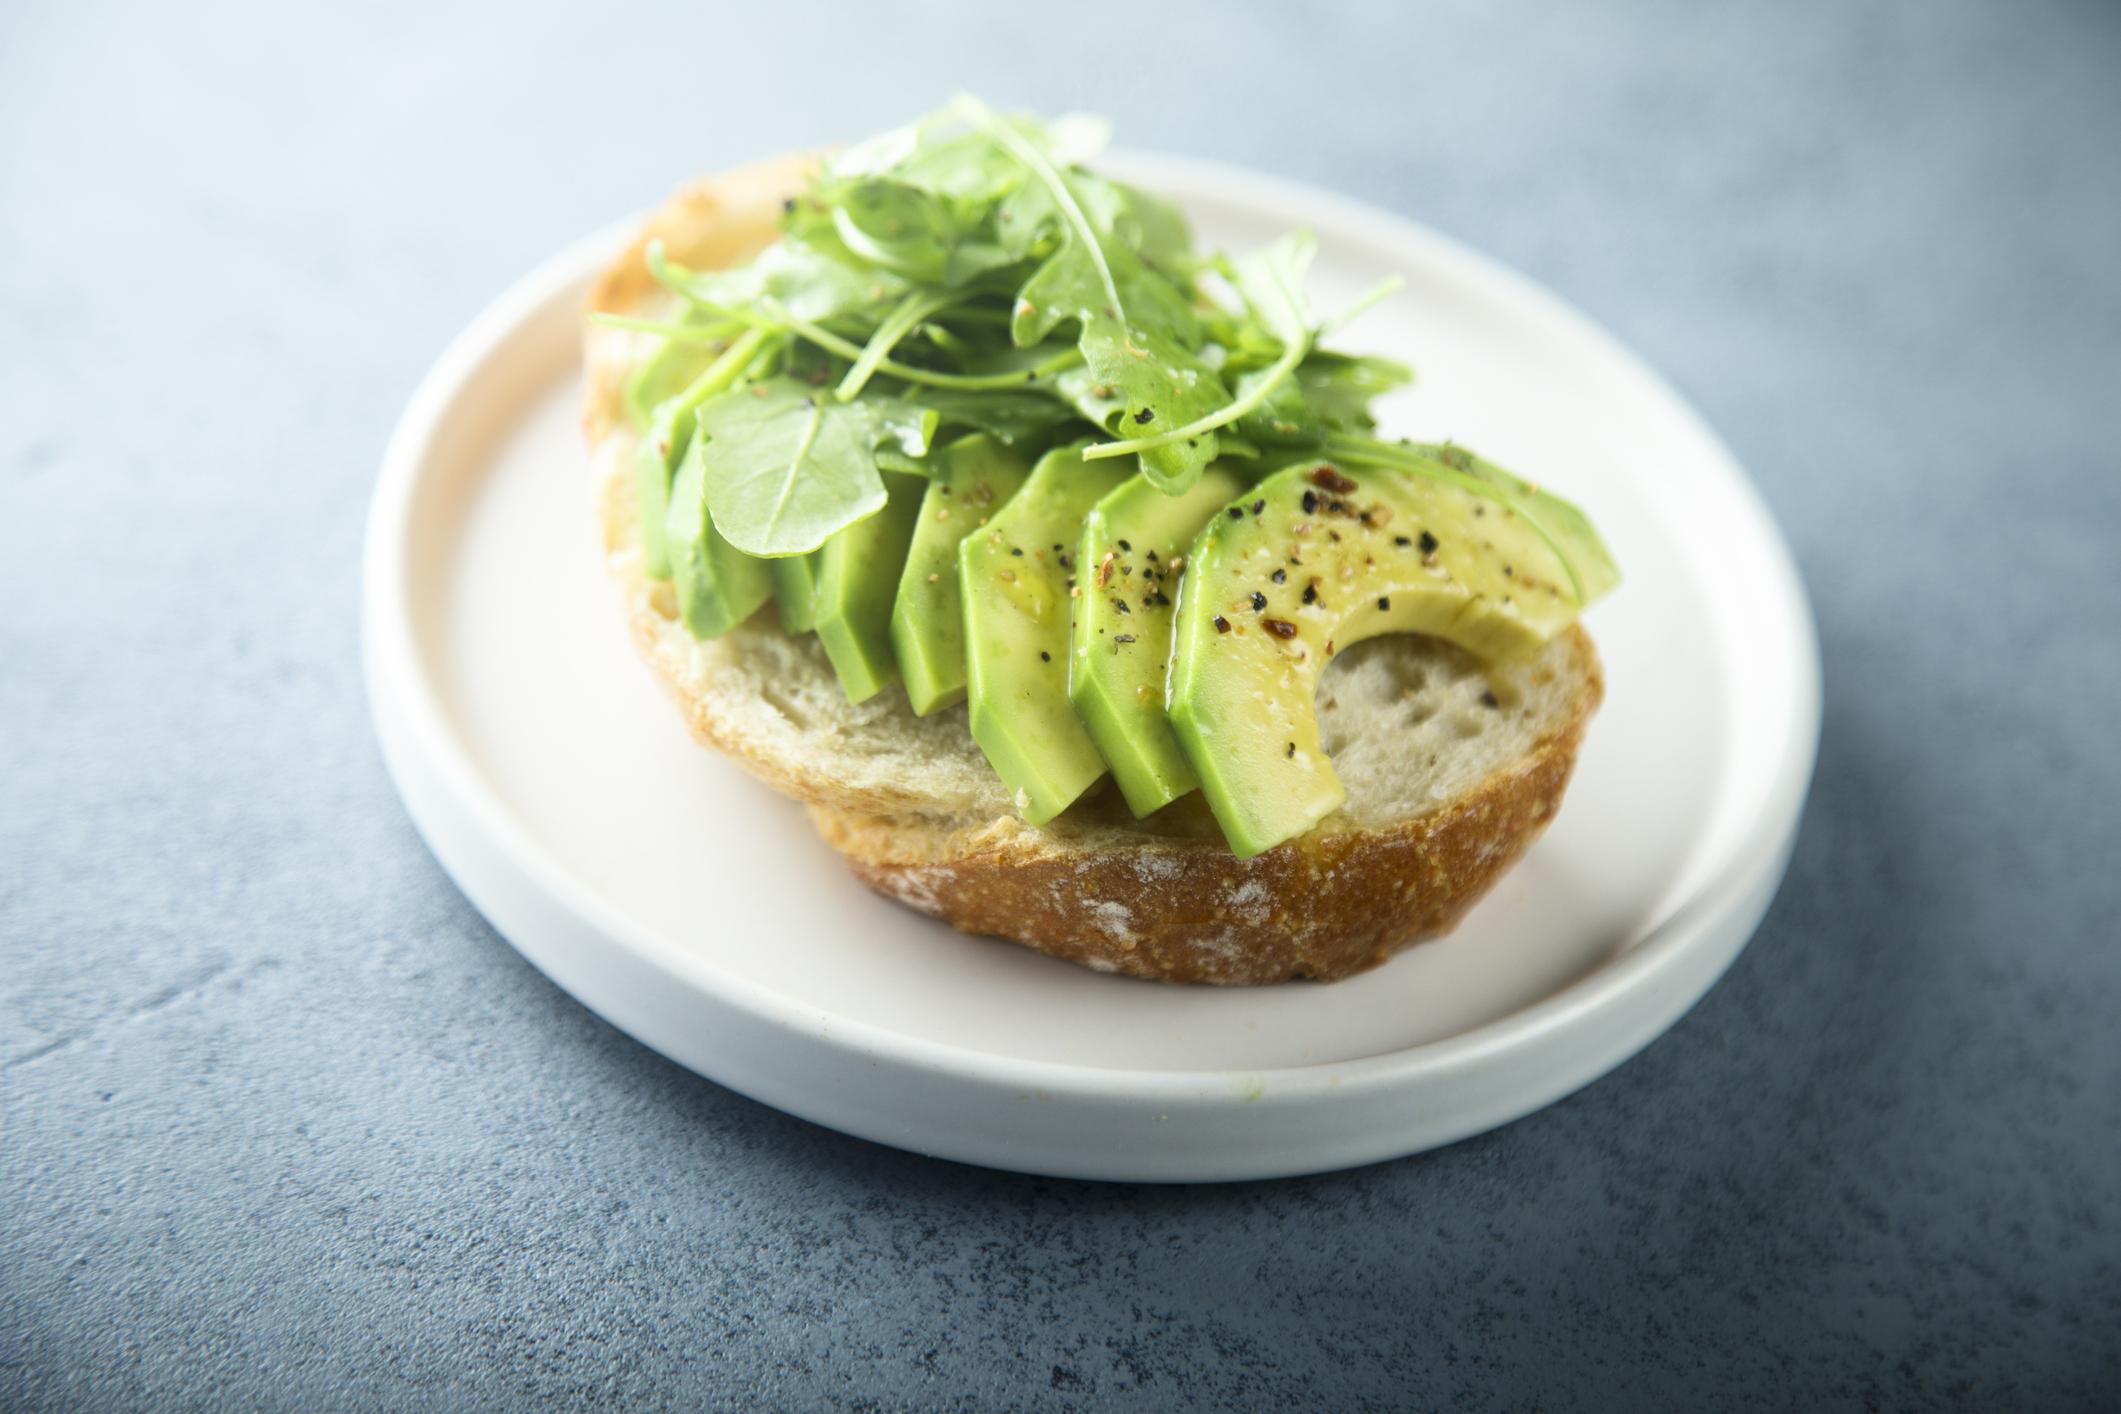 Homemade healthy avocado toast with fresh arugula